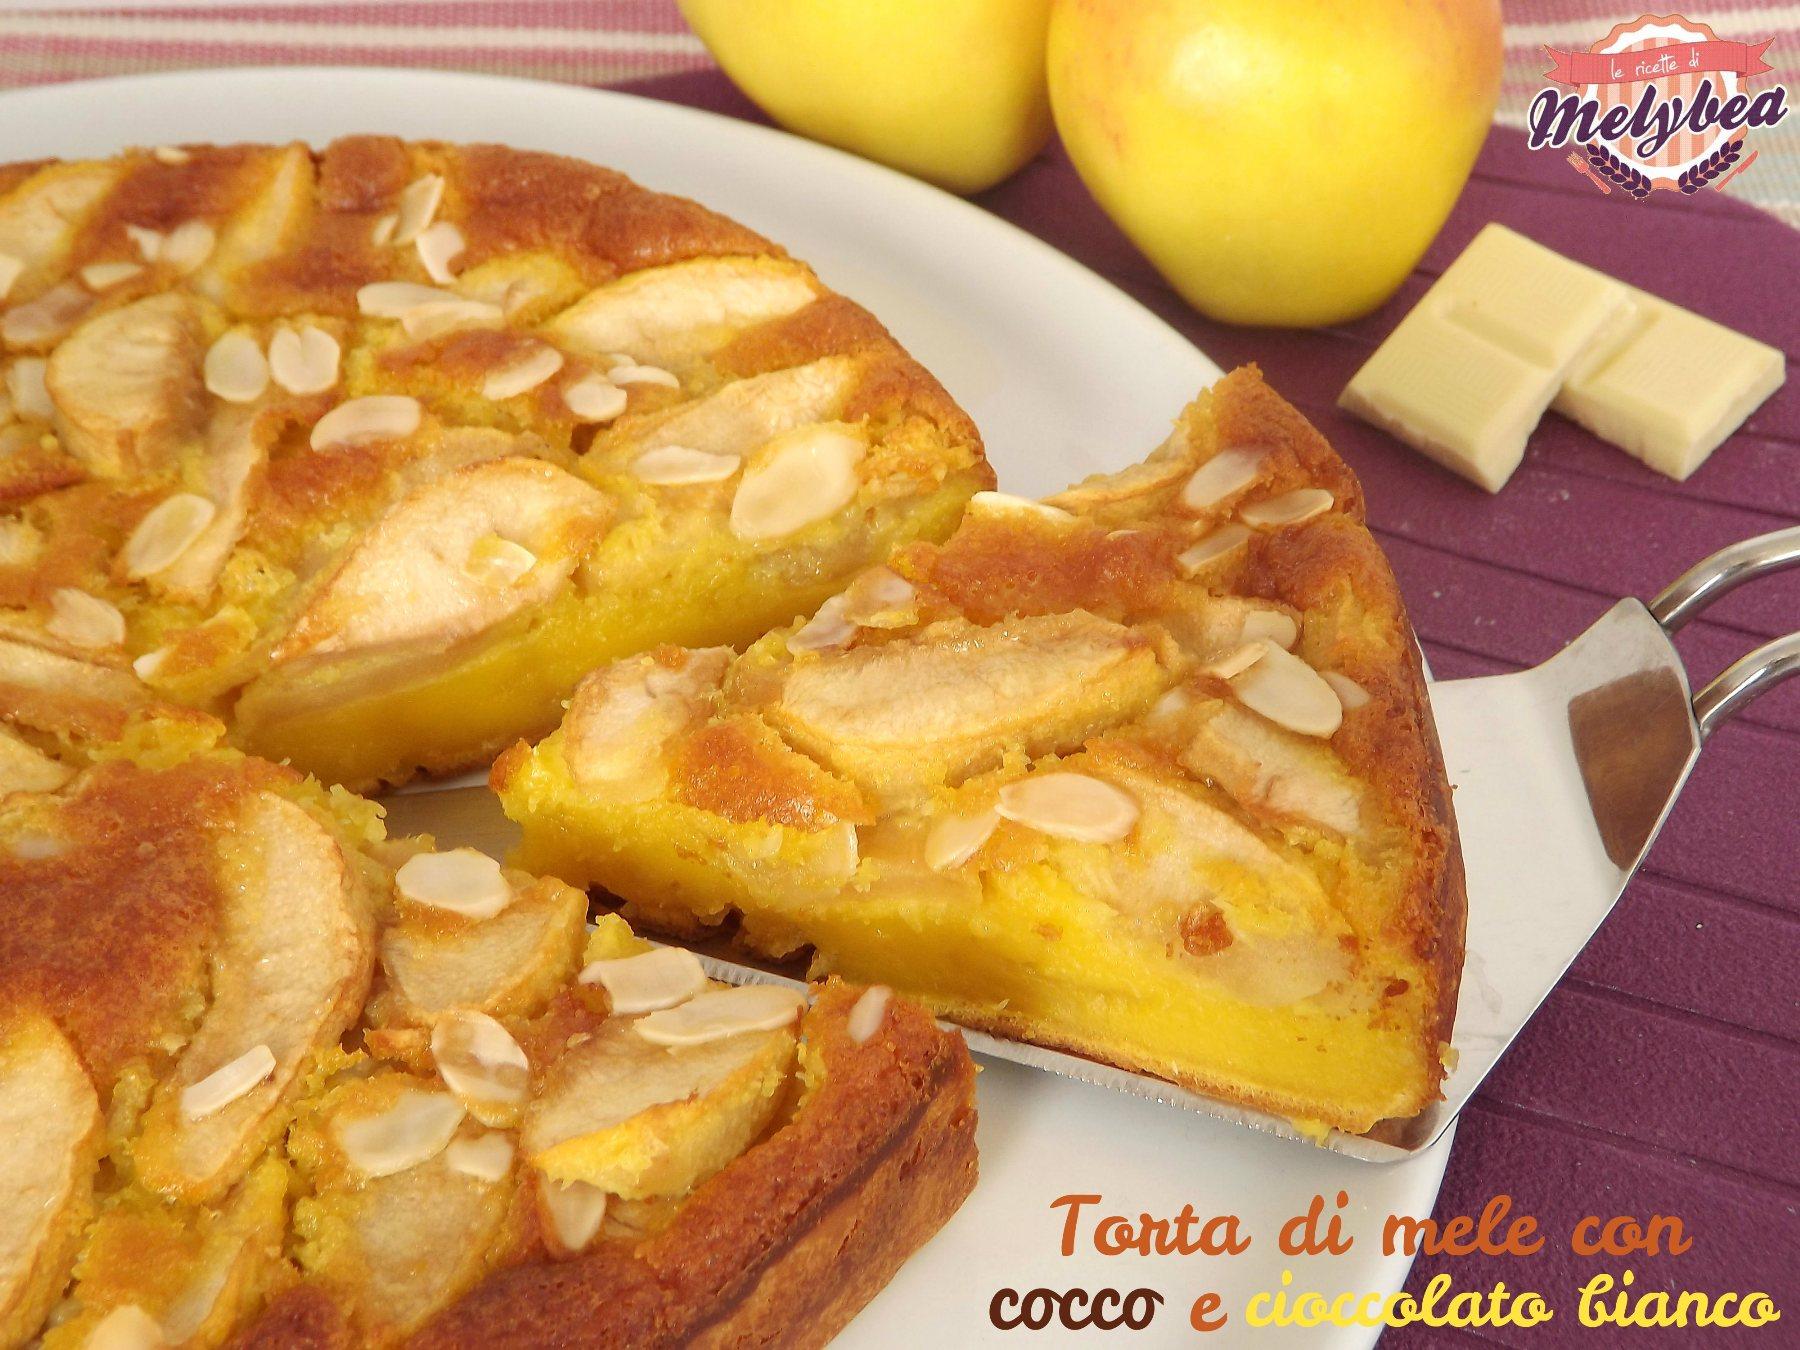 torta di mele con cocco e cioccolato bianco